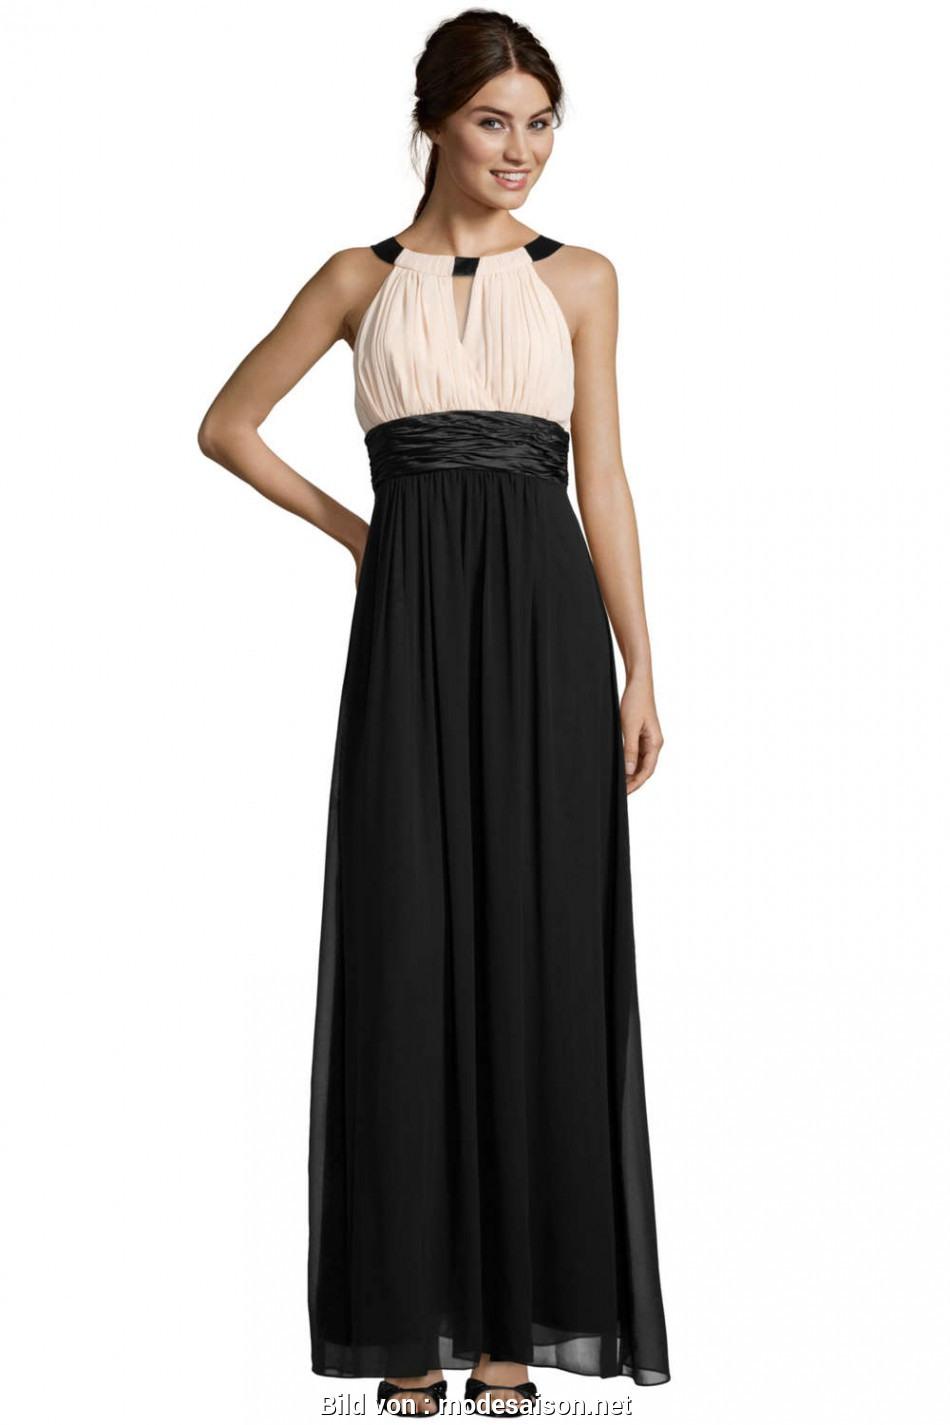 Formal Einzigartig Abendkleider Zara Design17 Schön Abendkleider Zara Vertrieb